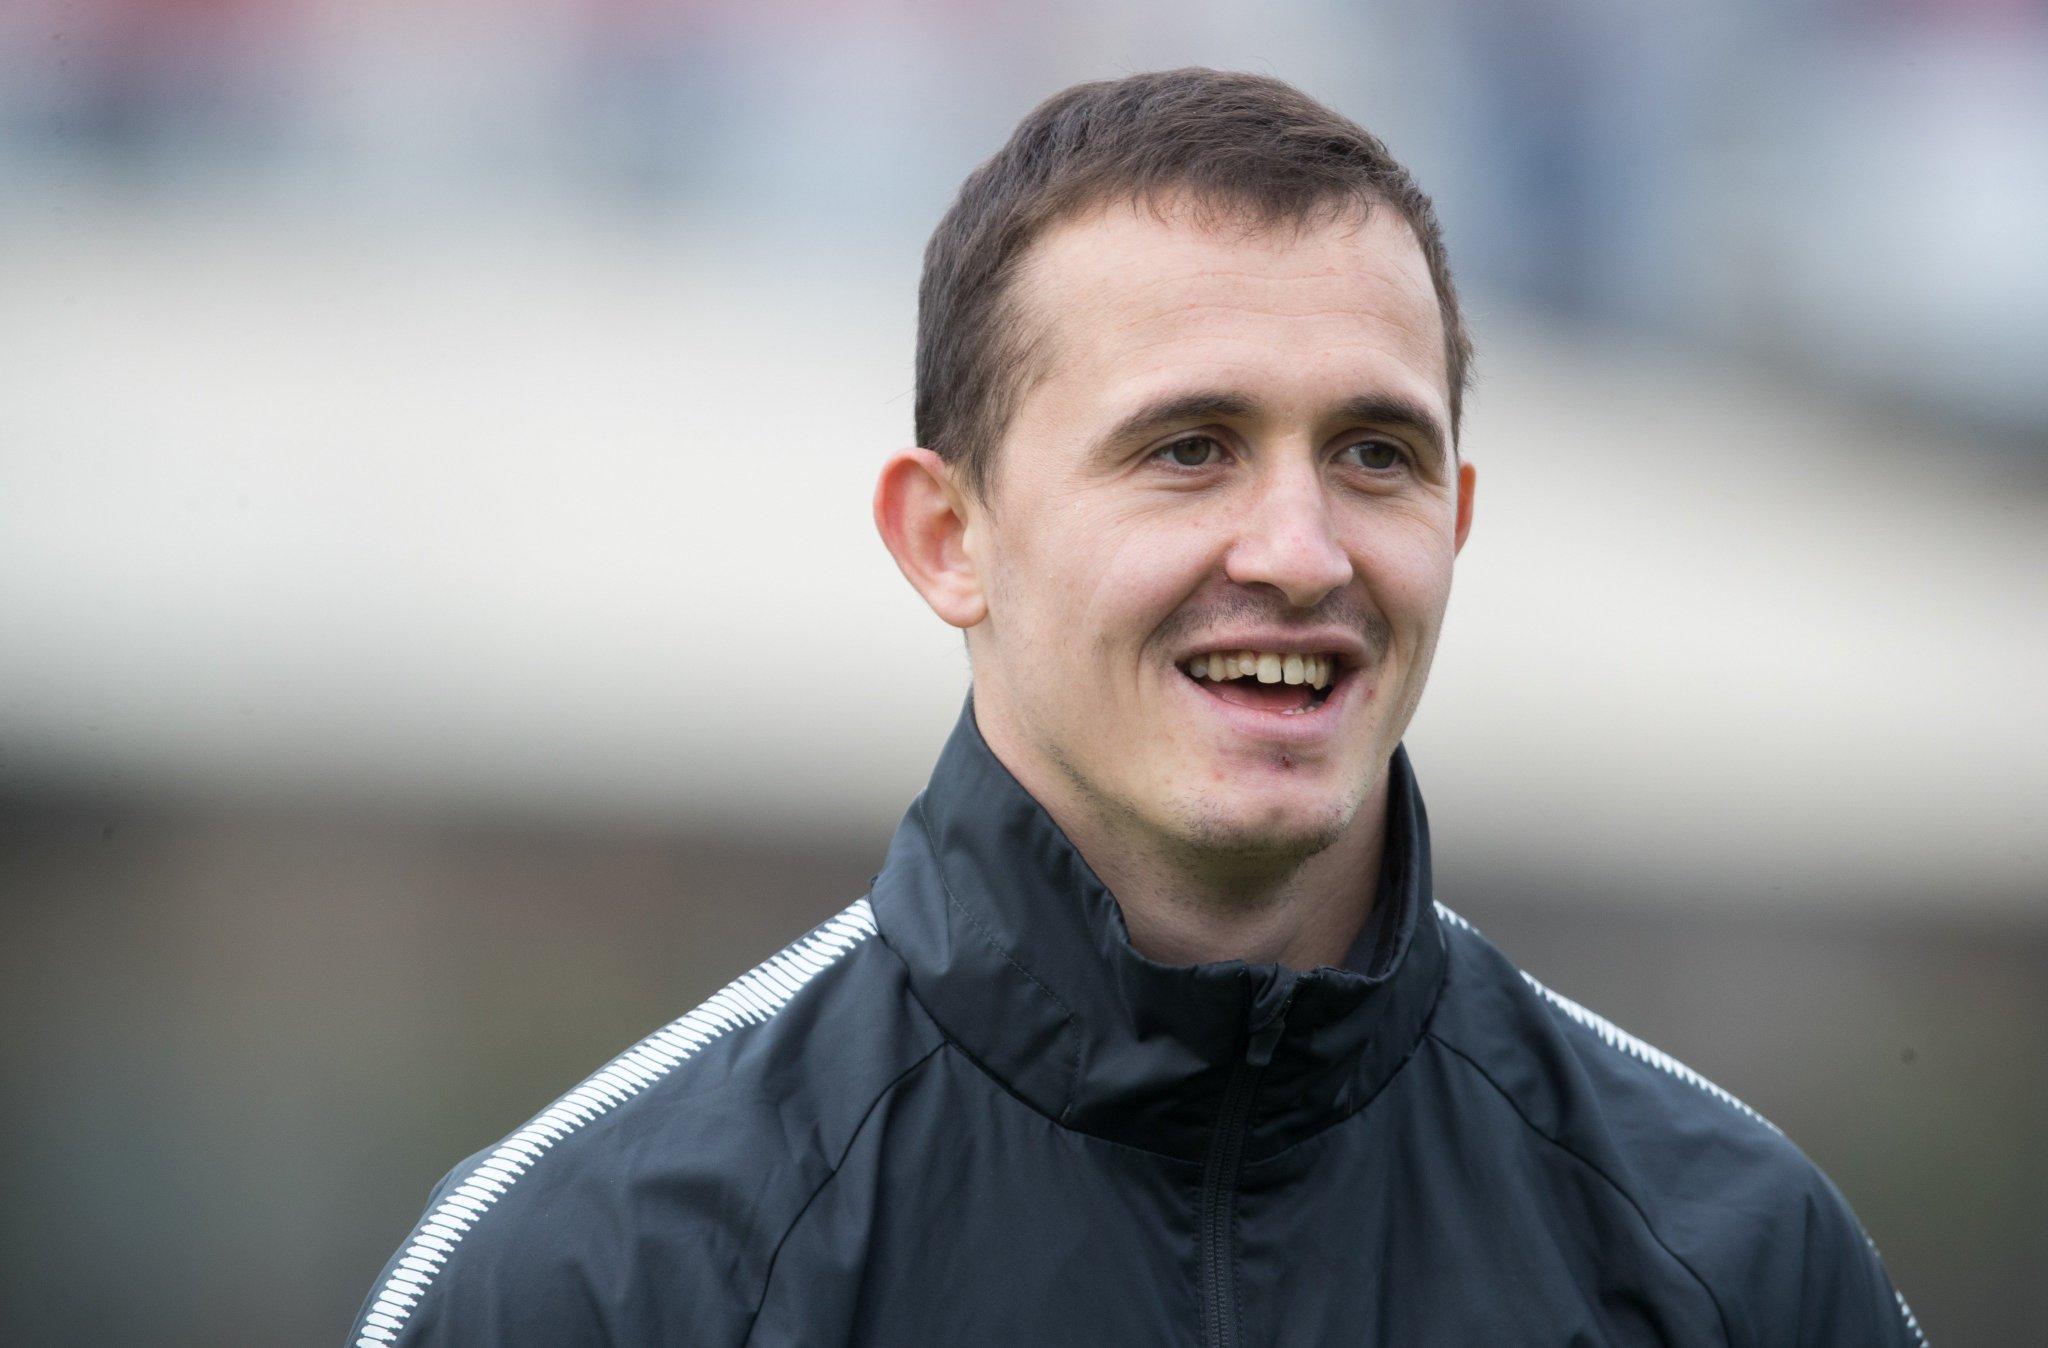 Первый тренер Лунева: Луня может выиграть конкуренцию у Градецки - фото